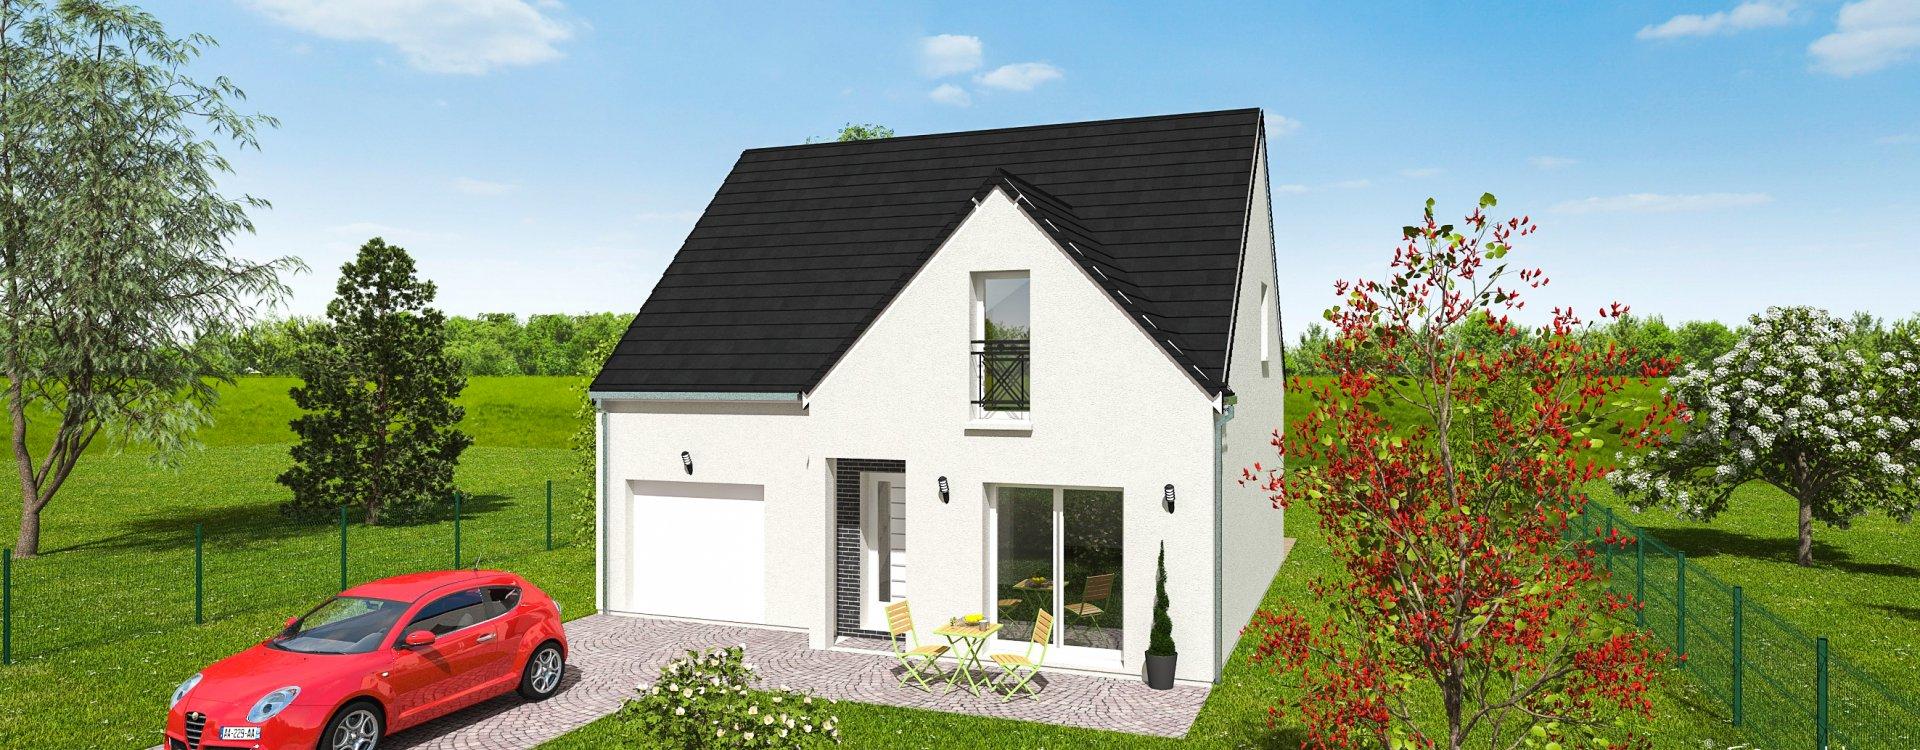 Maisons + Terrains du constructeur EASY HOUSE • 97 m² • LA FERTE SAINT AUBIN